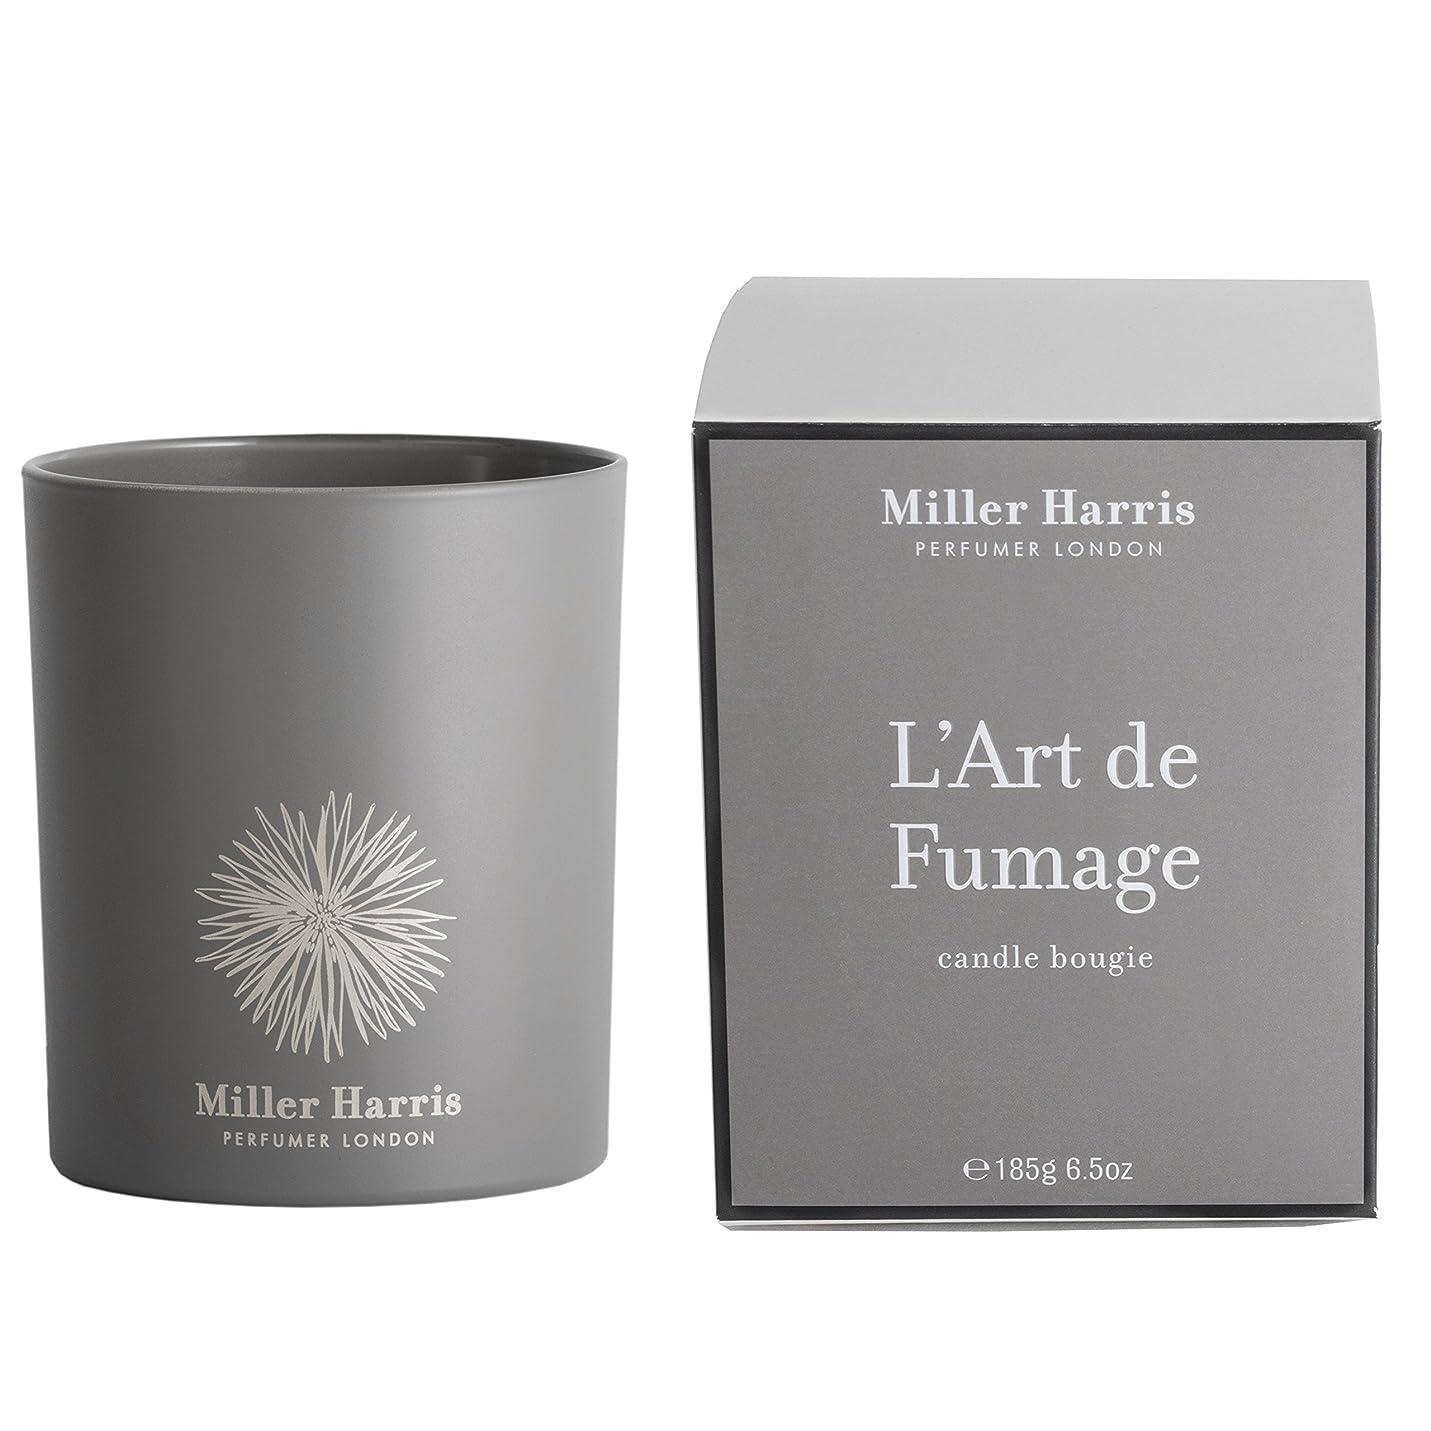 偏心バブル尊敬するミラーハリス Candle - L'Art De Fumage 185g/6.5oz並行輸入品